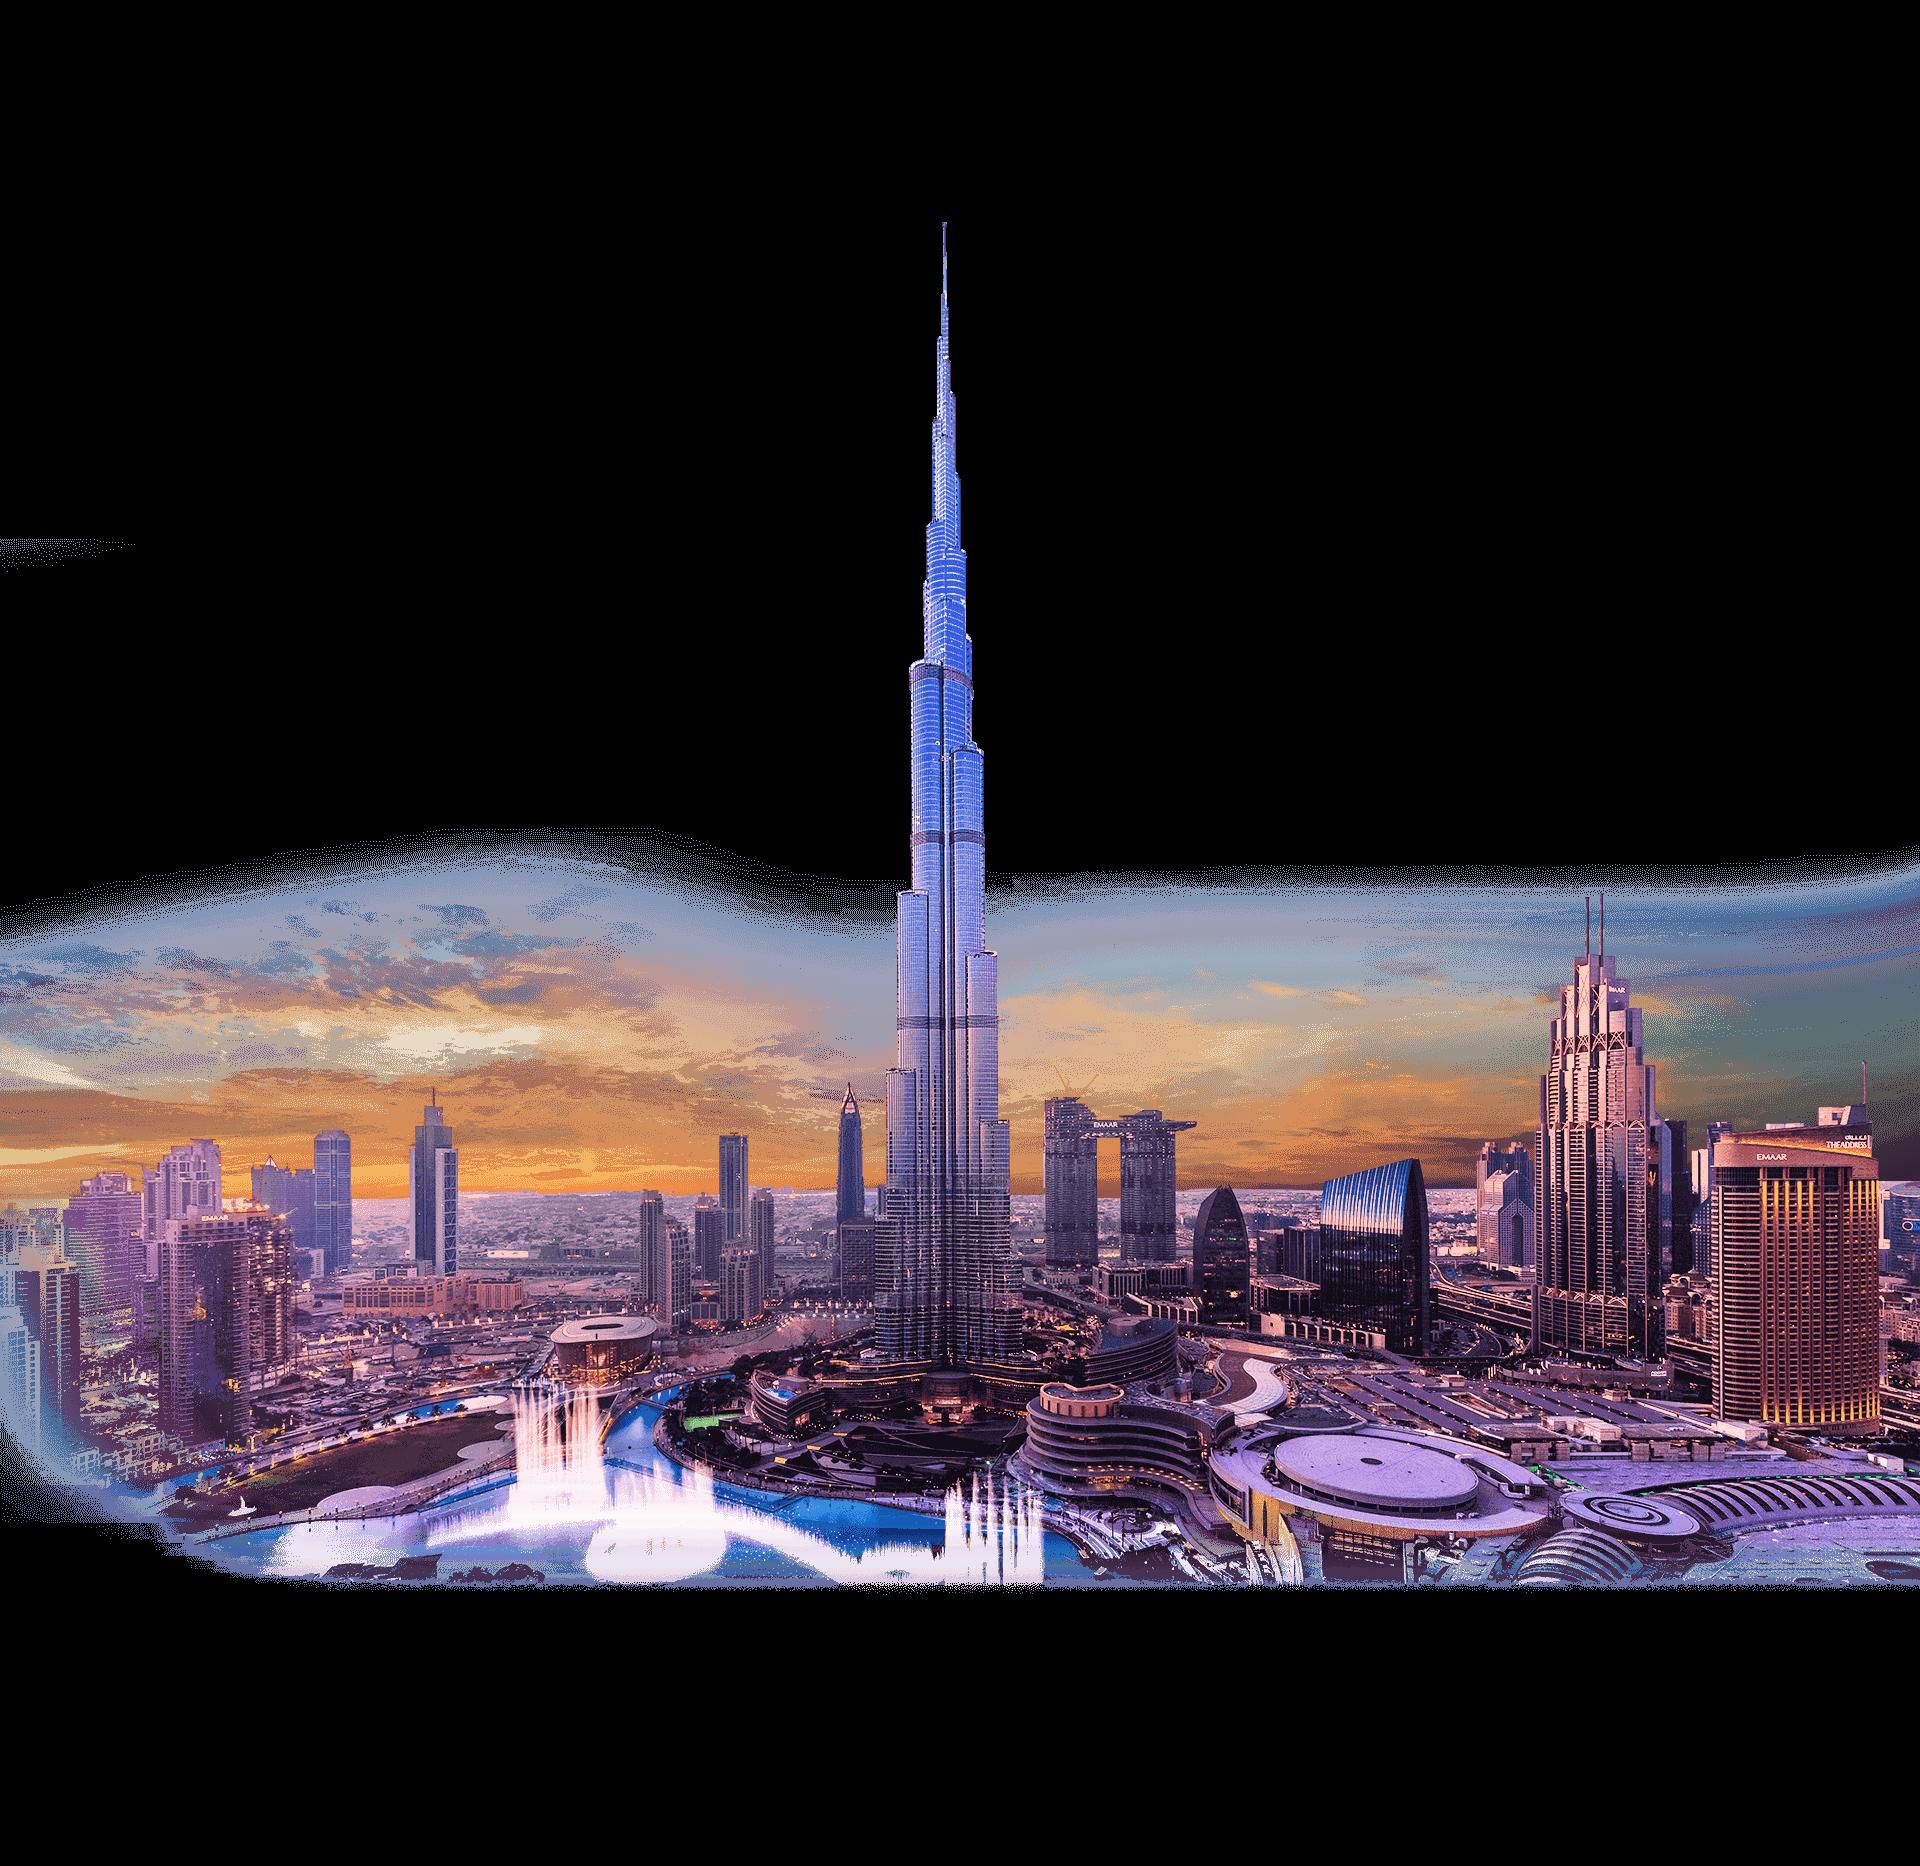 Http www burjkhalifa ae observation deck ticket information aspx wissenschaftliches schreiben